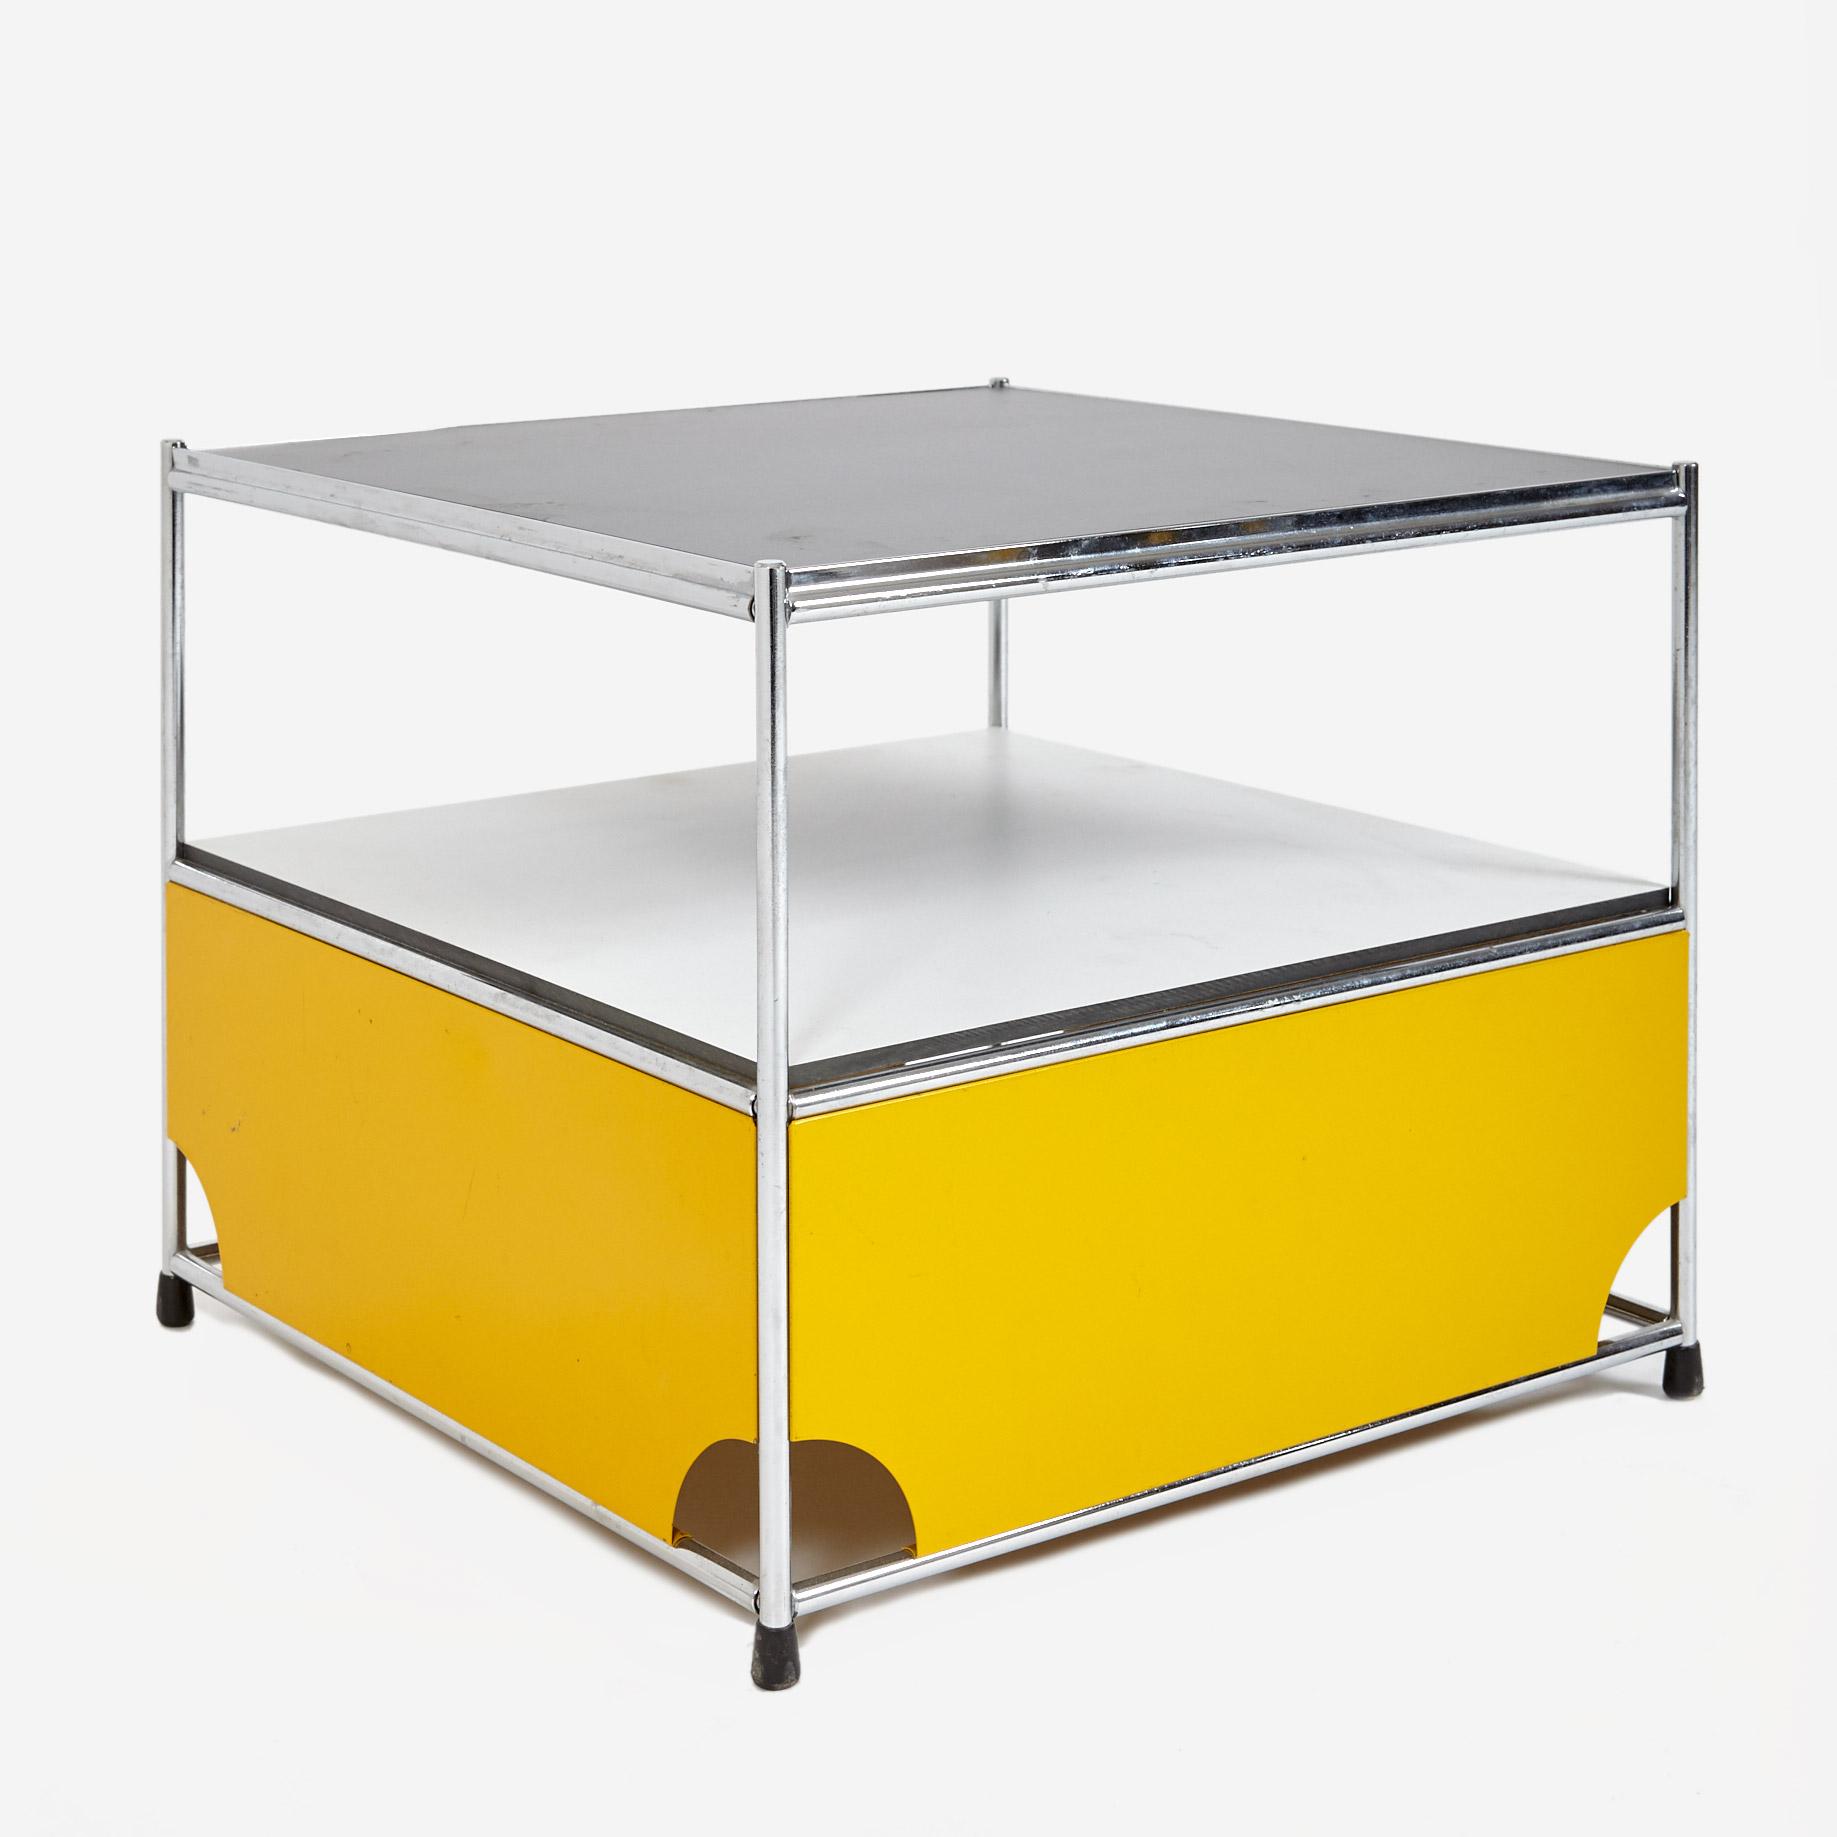 Balkenbett eigenbau  Beste Ideen, Design, Foto & Beispiele von Möbel Eigenbau 4582 auf ...